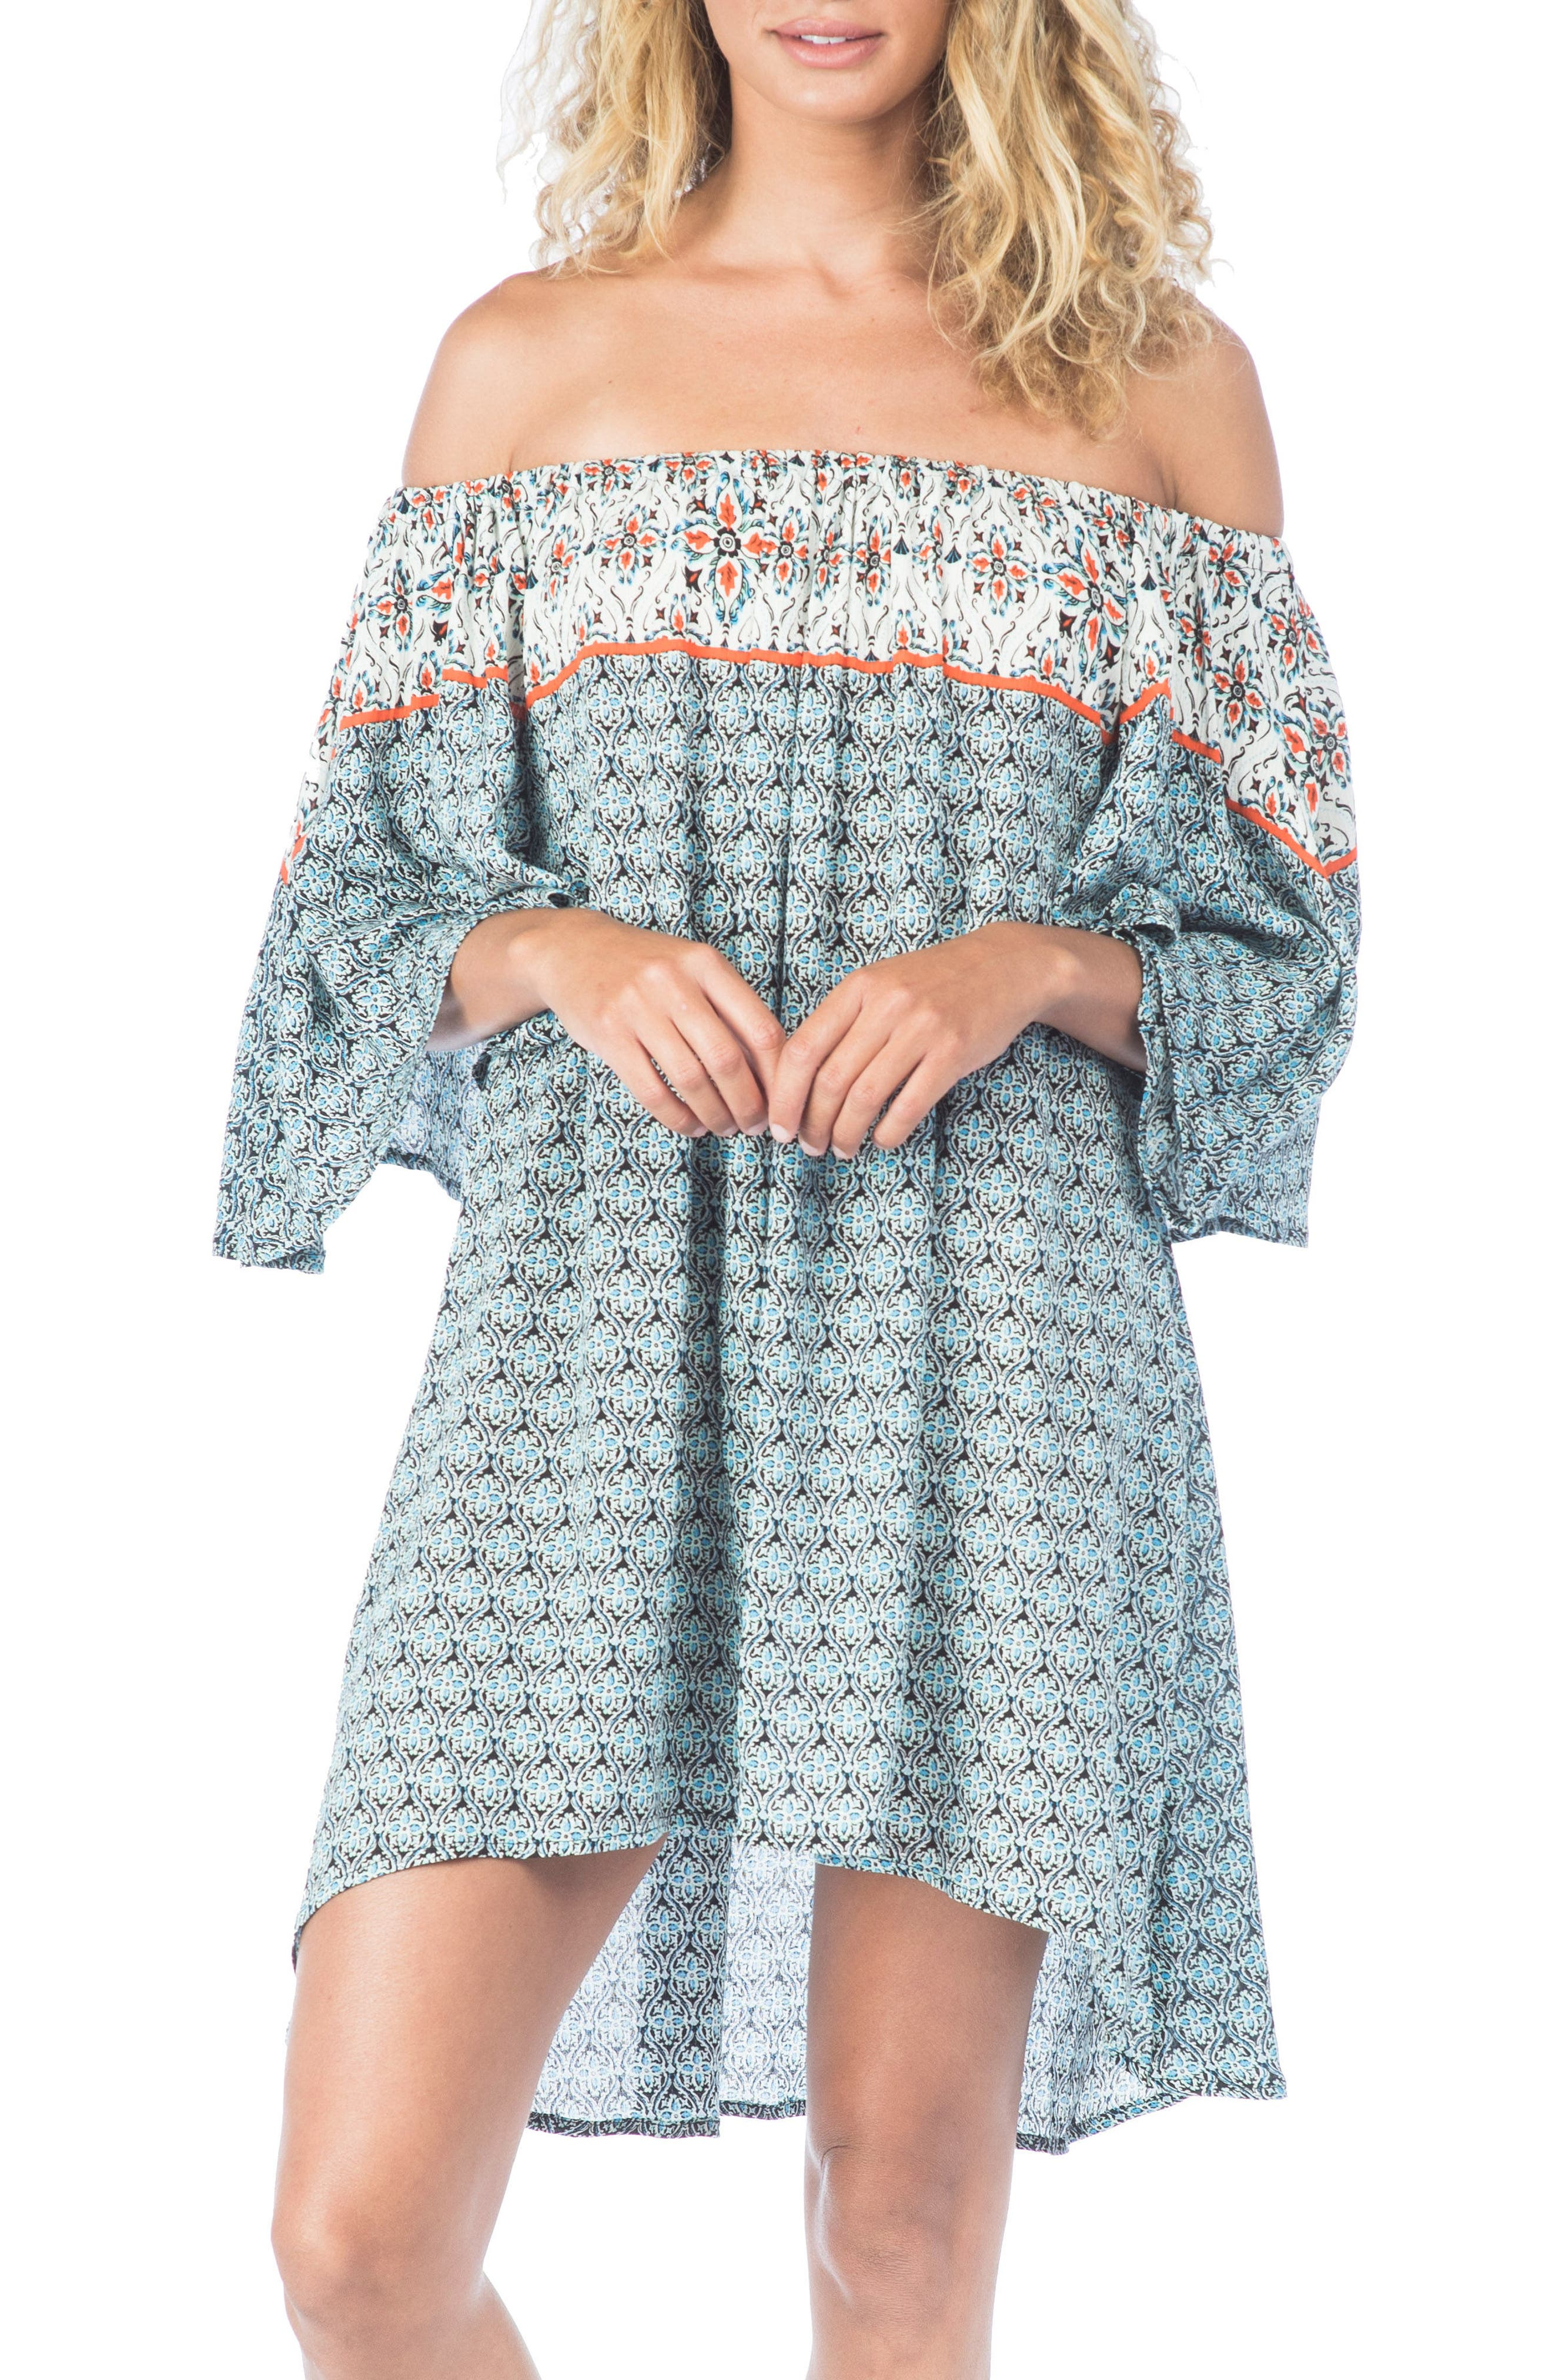 Monaco Tile Cover-Up Dress,                         Main,                         color, 002